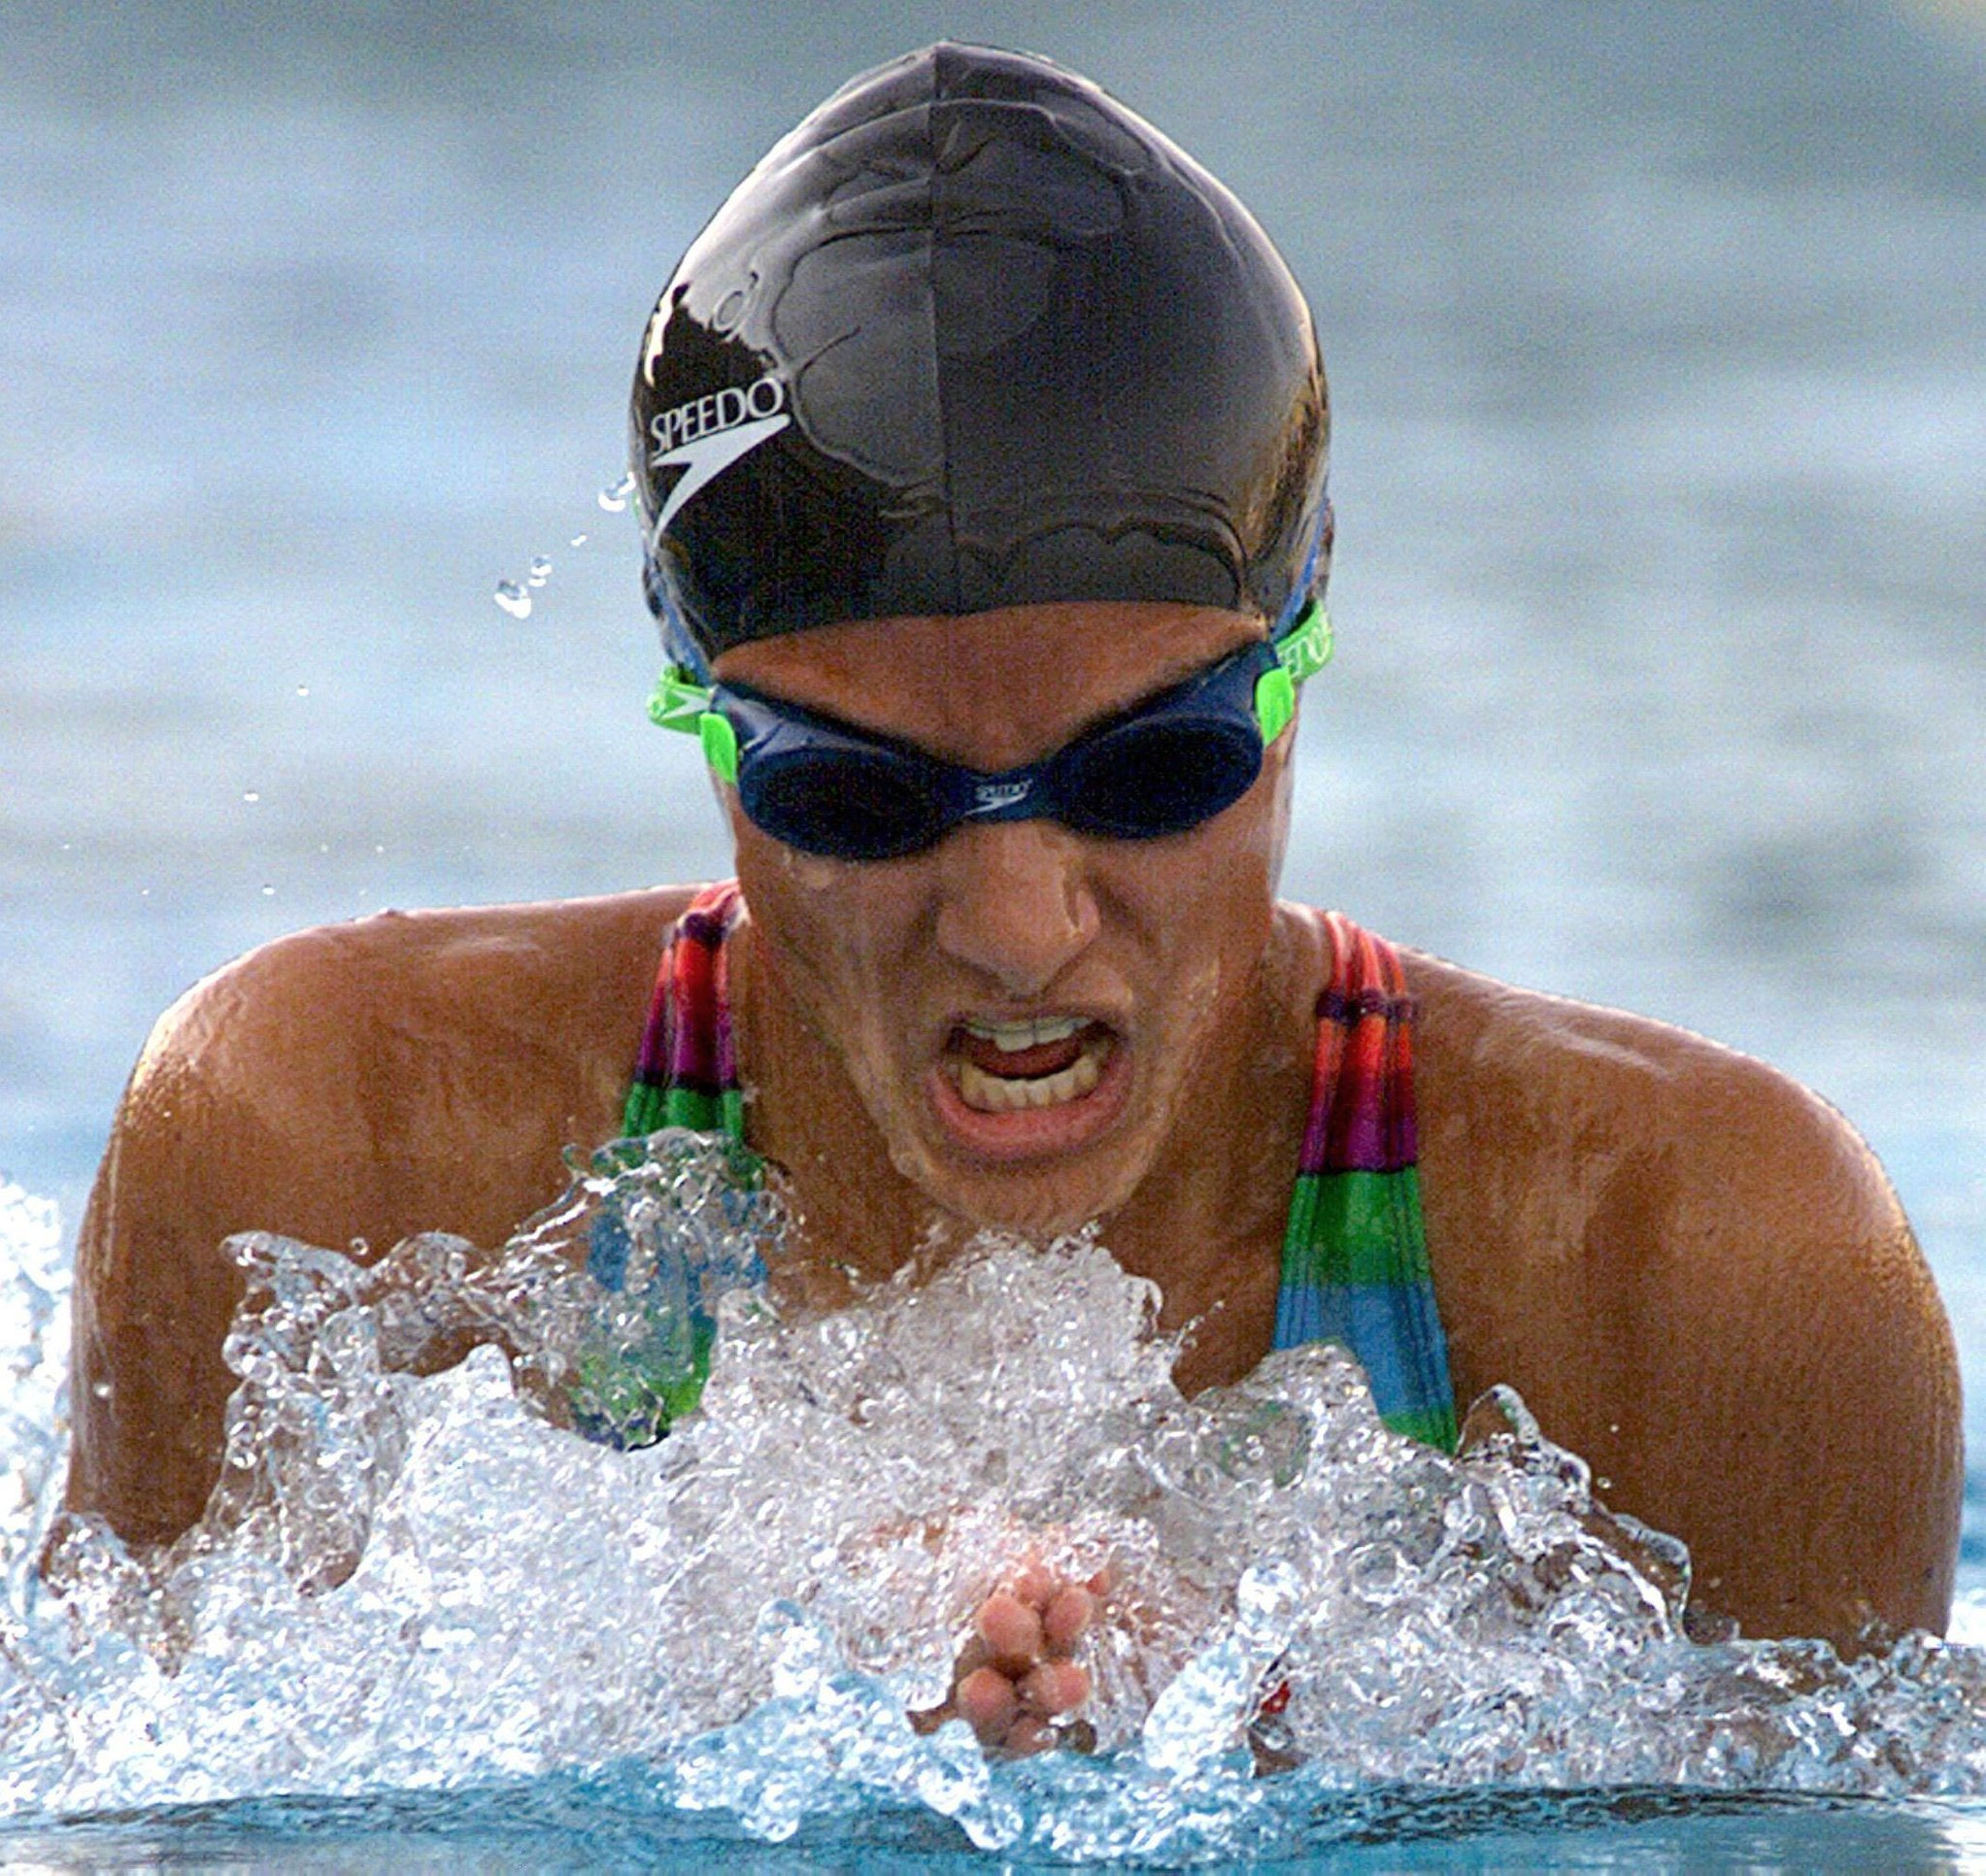 Möglichst viele Schwimmerinnen sollen bald in die Fußstapfen von Samar Nassar treten, einer der bislang größten Hoffnungen im jordanischen Schwimmsport